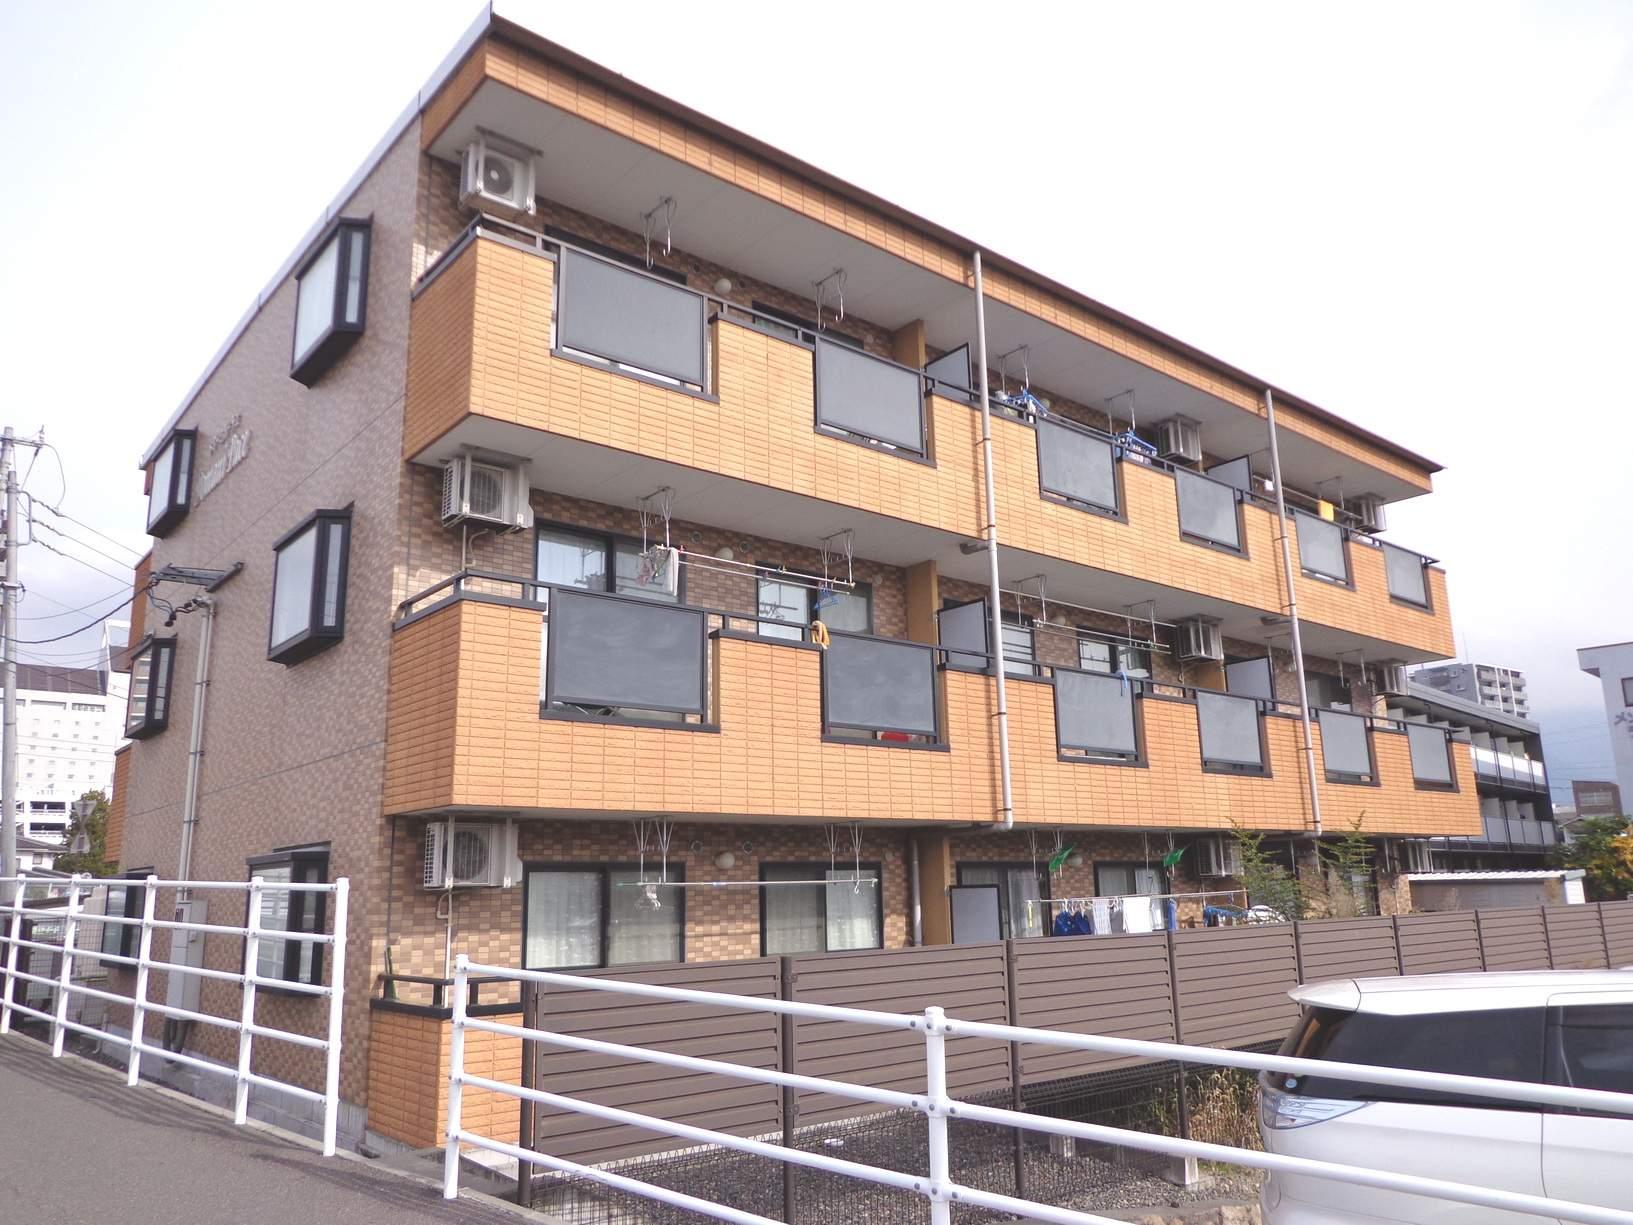 長野県松本市、松本駅徒歩12分の築15年 3階建の賃貸マンション